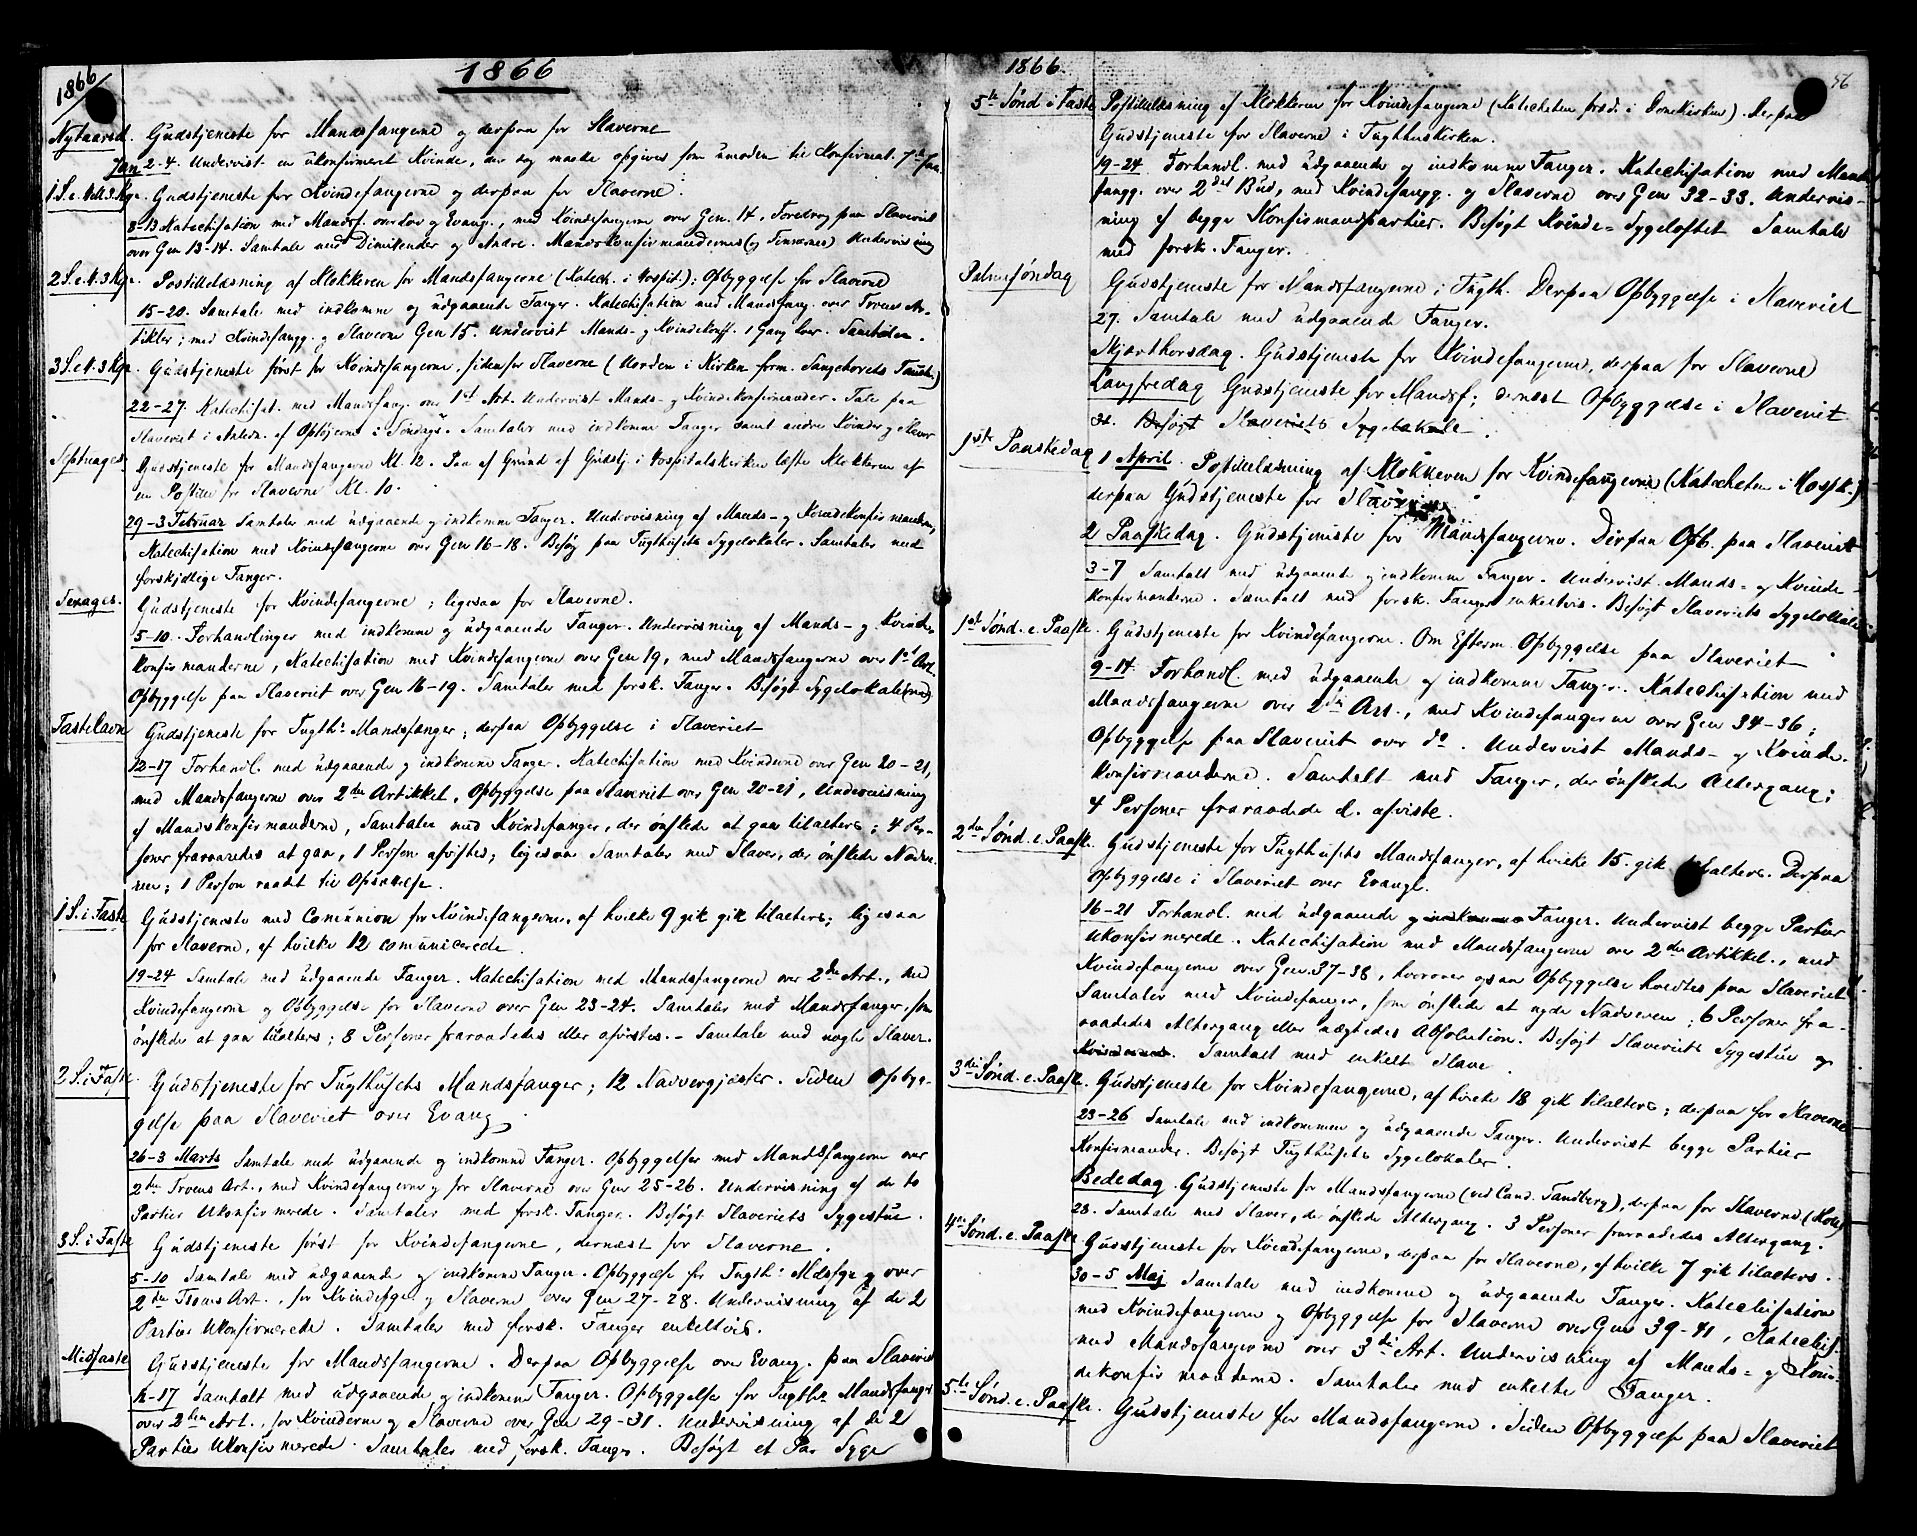 SAT, Ministerialprotokoller, klokkerbøker og fødselsregistre - Sør-Trøndelag, 624/L0481: Ministerialbok nr. 624A02, 1841-1869, s. 56